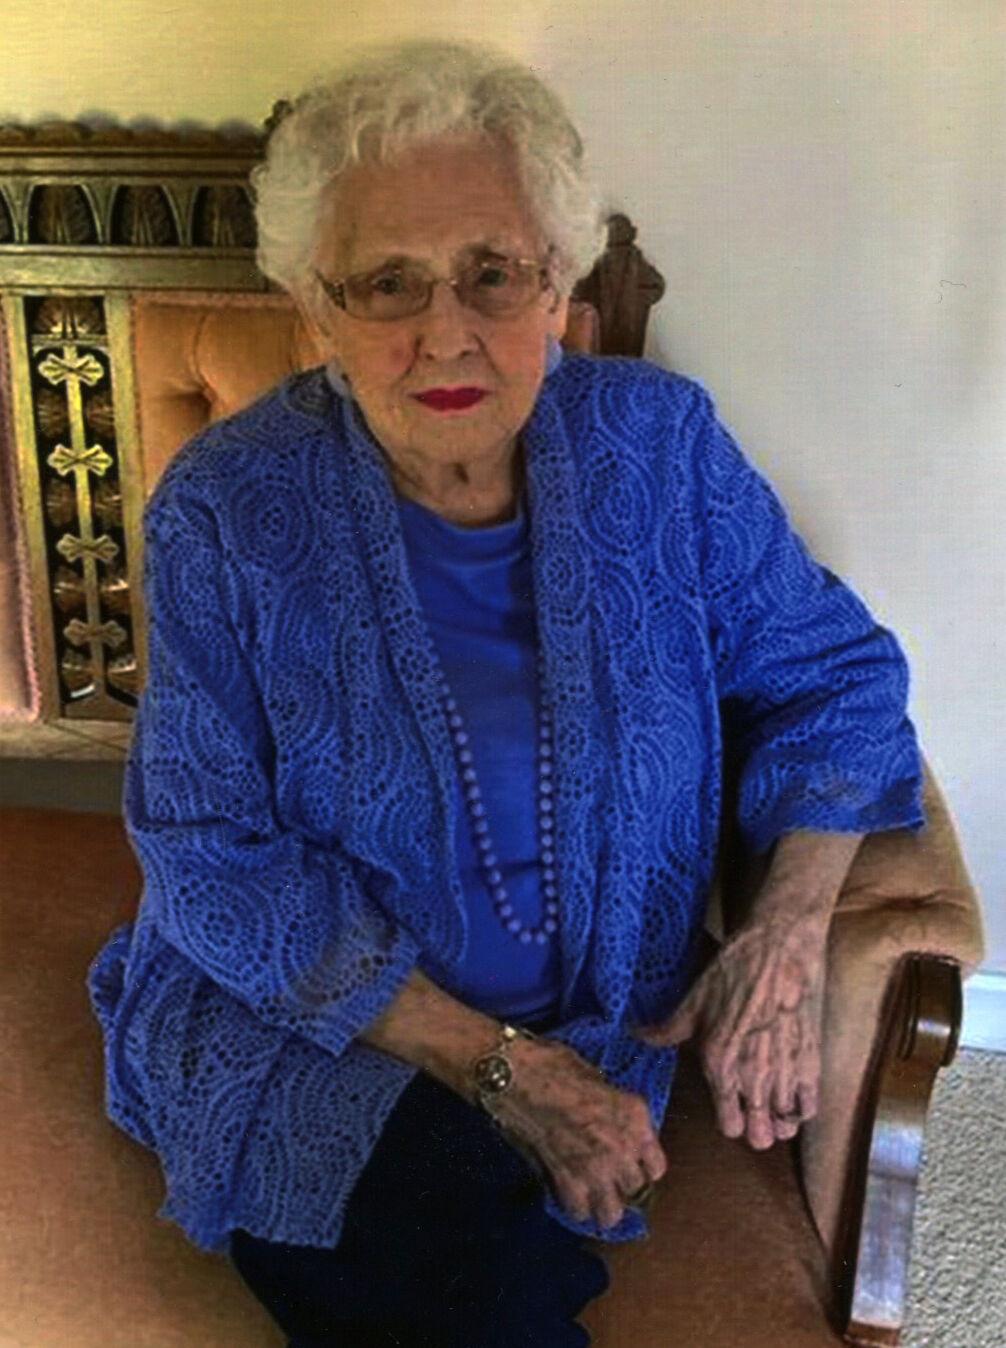 Ruthie Turns 100